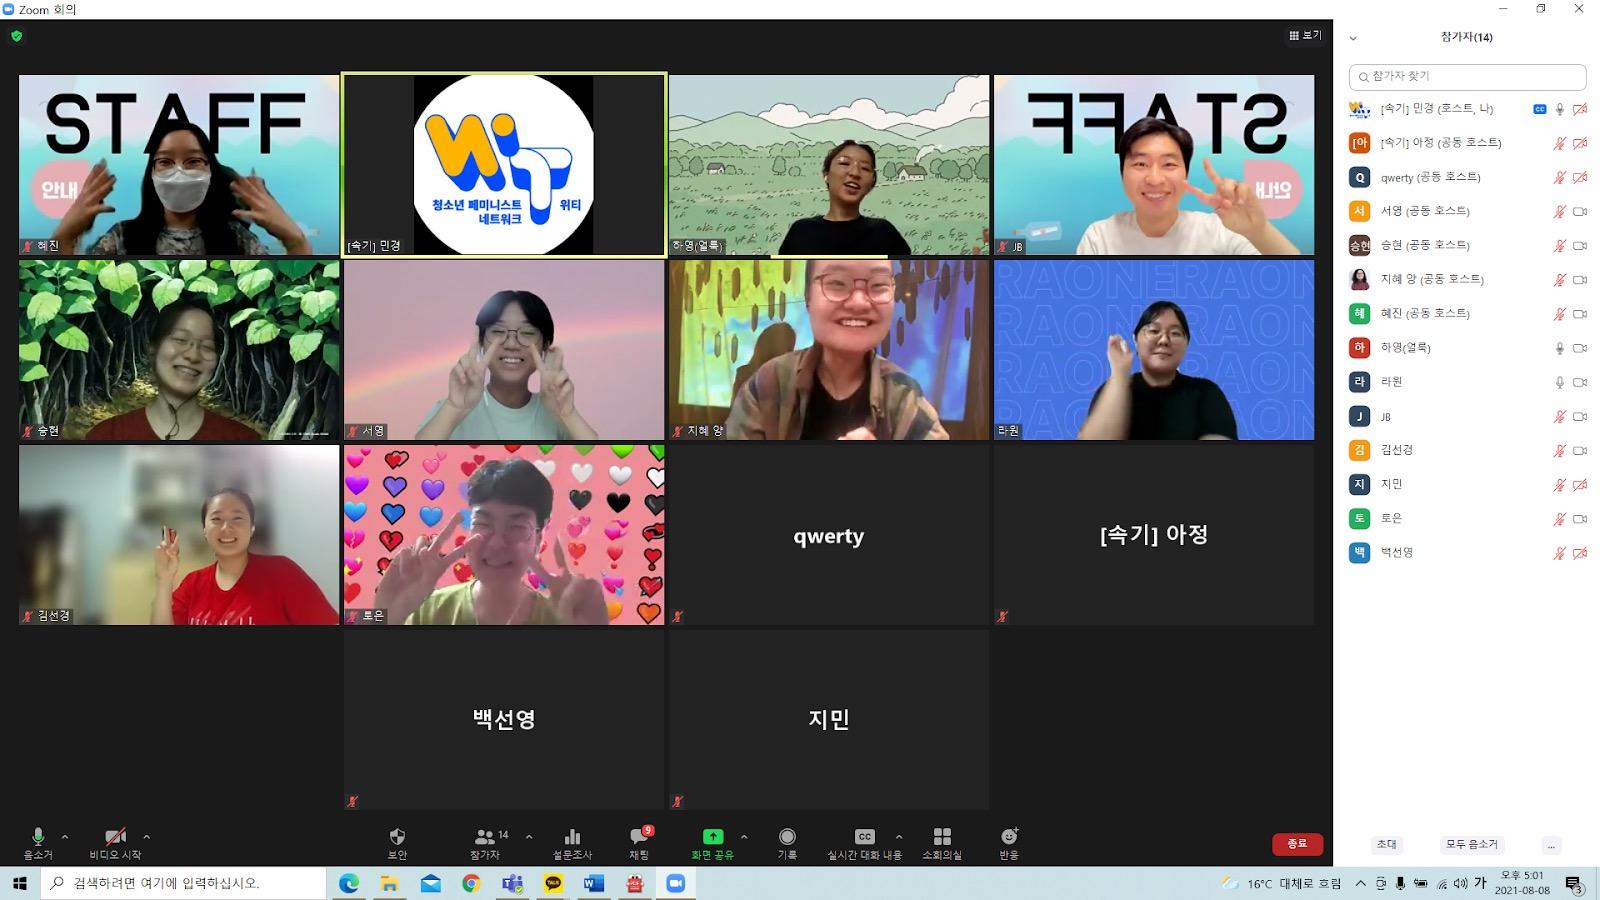 줌 화면에서 사람들이 밝은 표정으로 사진 포즈를 취하고 있다.